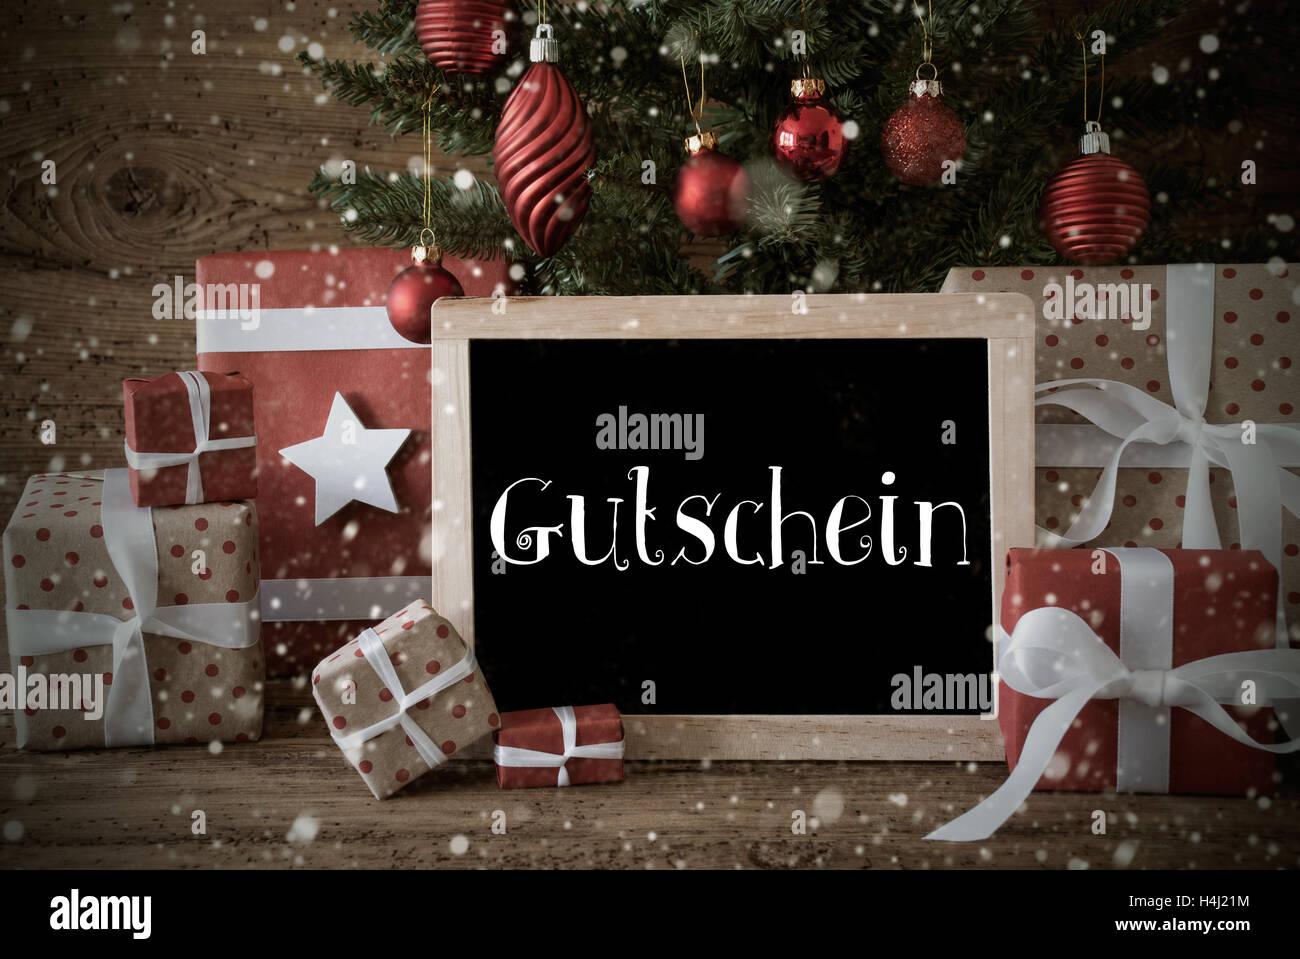 Gutschein Weihnachtsbaum.Gutschein Gutschein Stockfotos Gutschein Gutschein Bilder Alamy